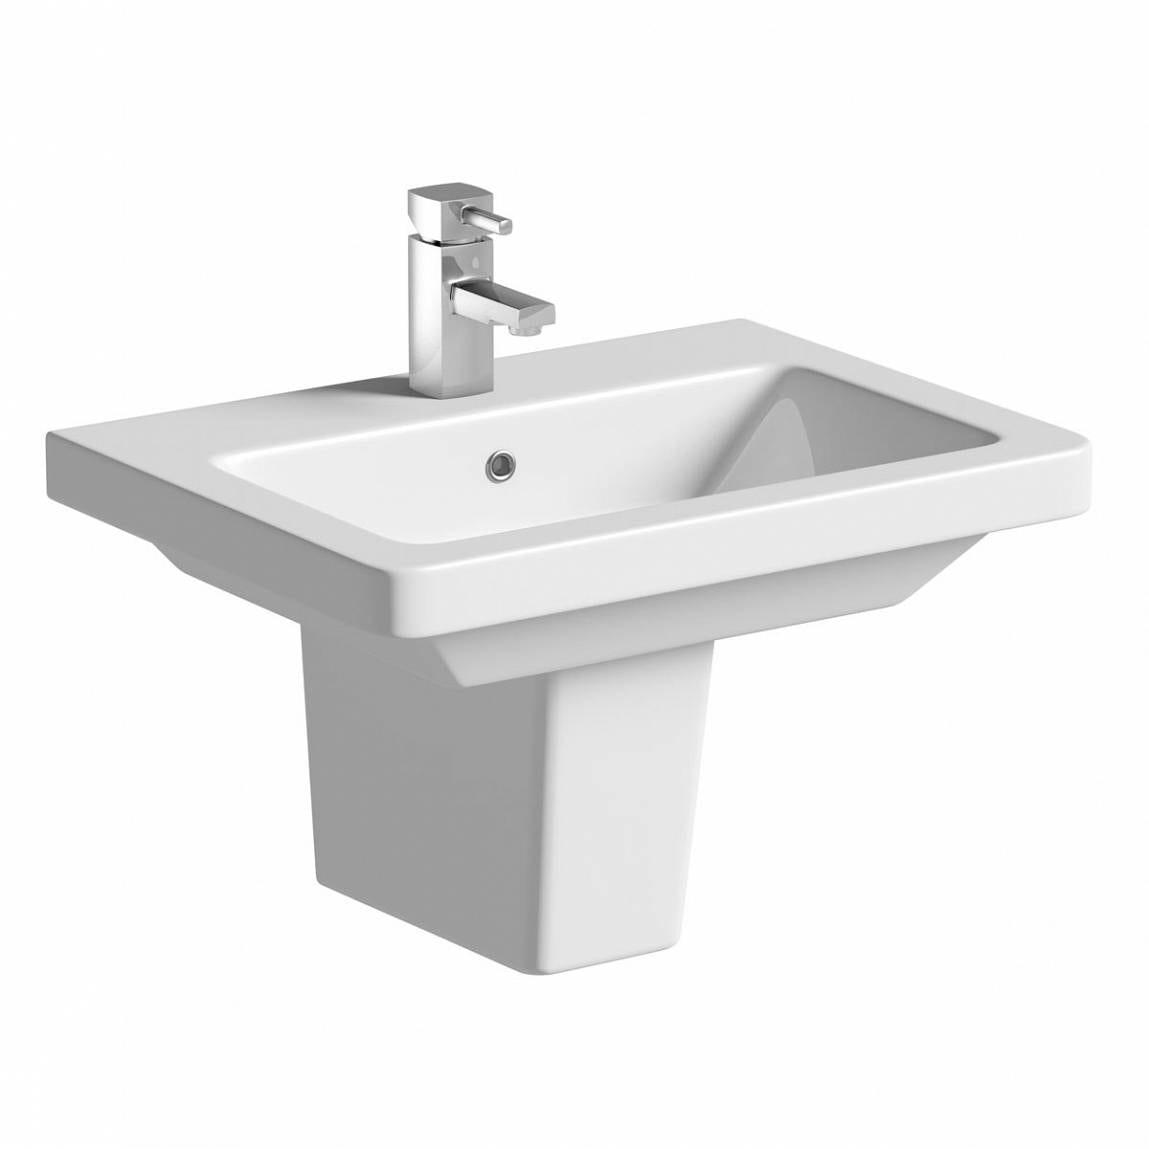 Mode Cooper 1 tap hole semi pedestal basin 600mm